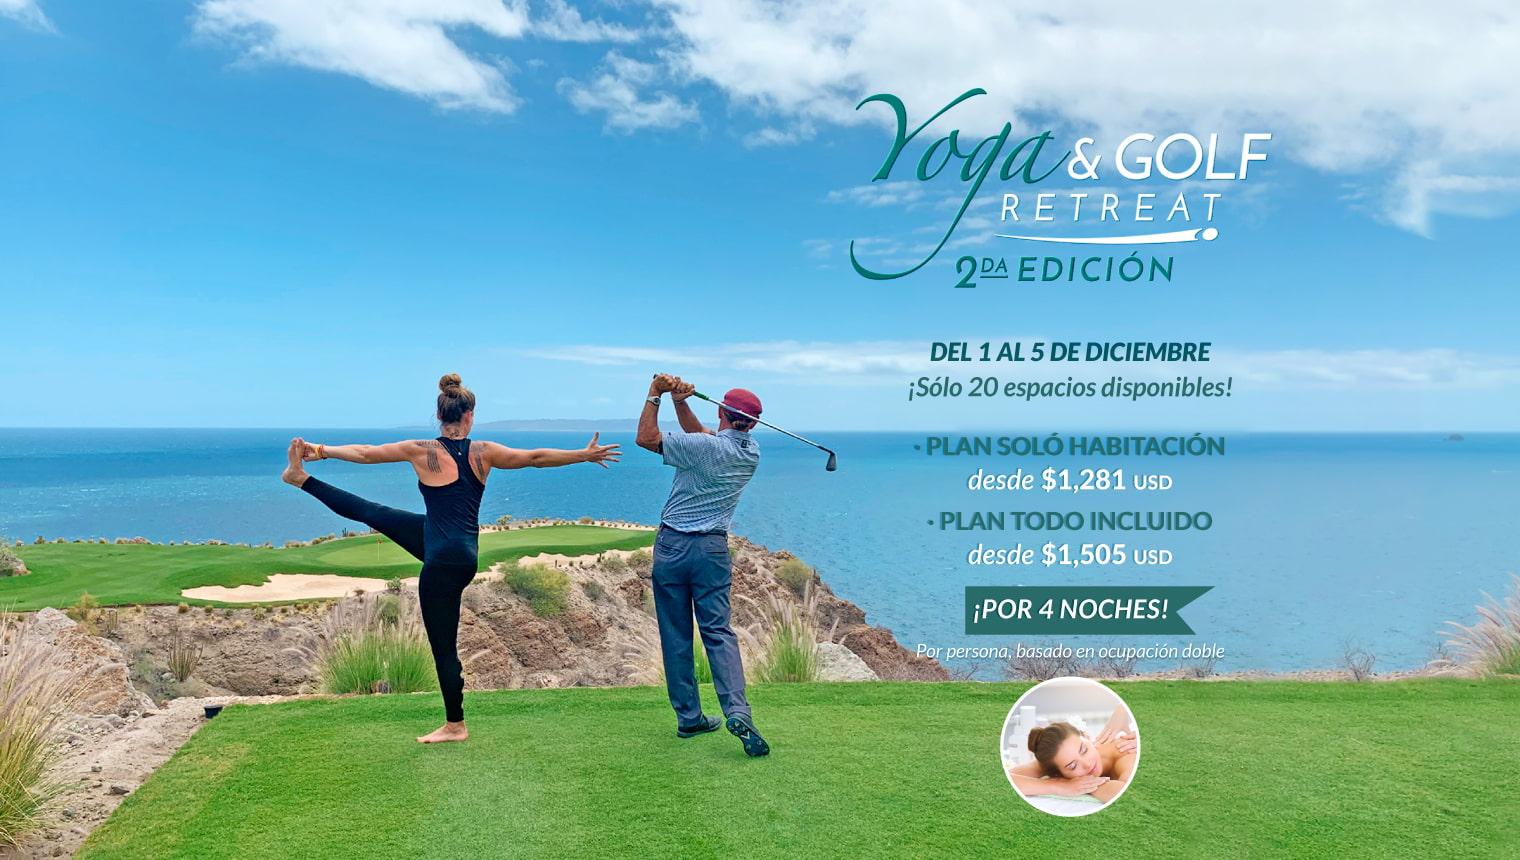 Yoga & Golf Retreat - Segunda Edición